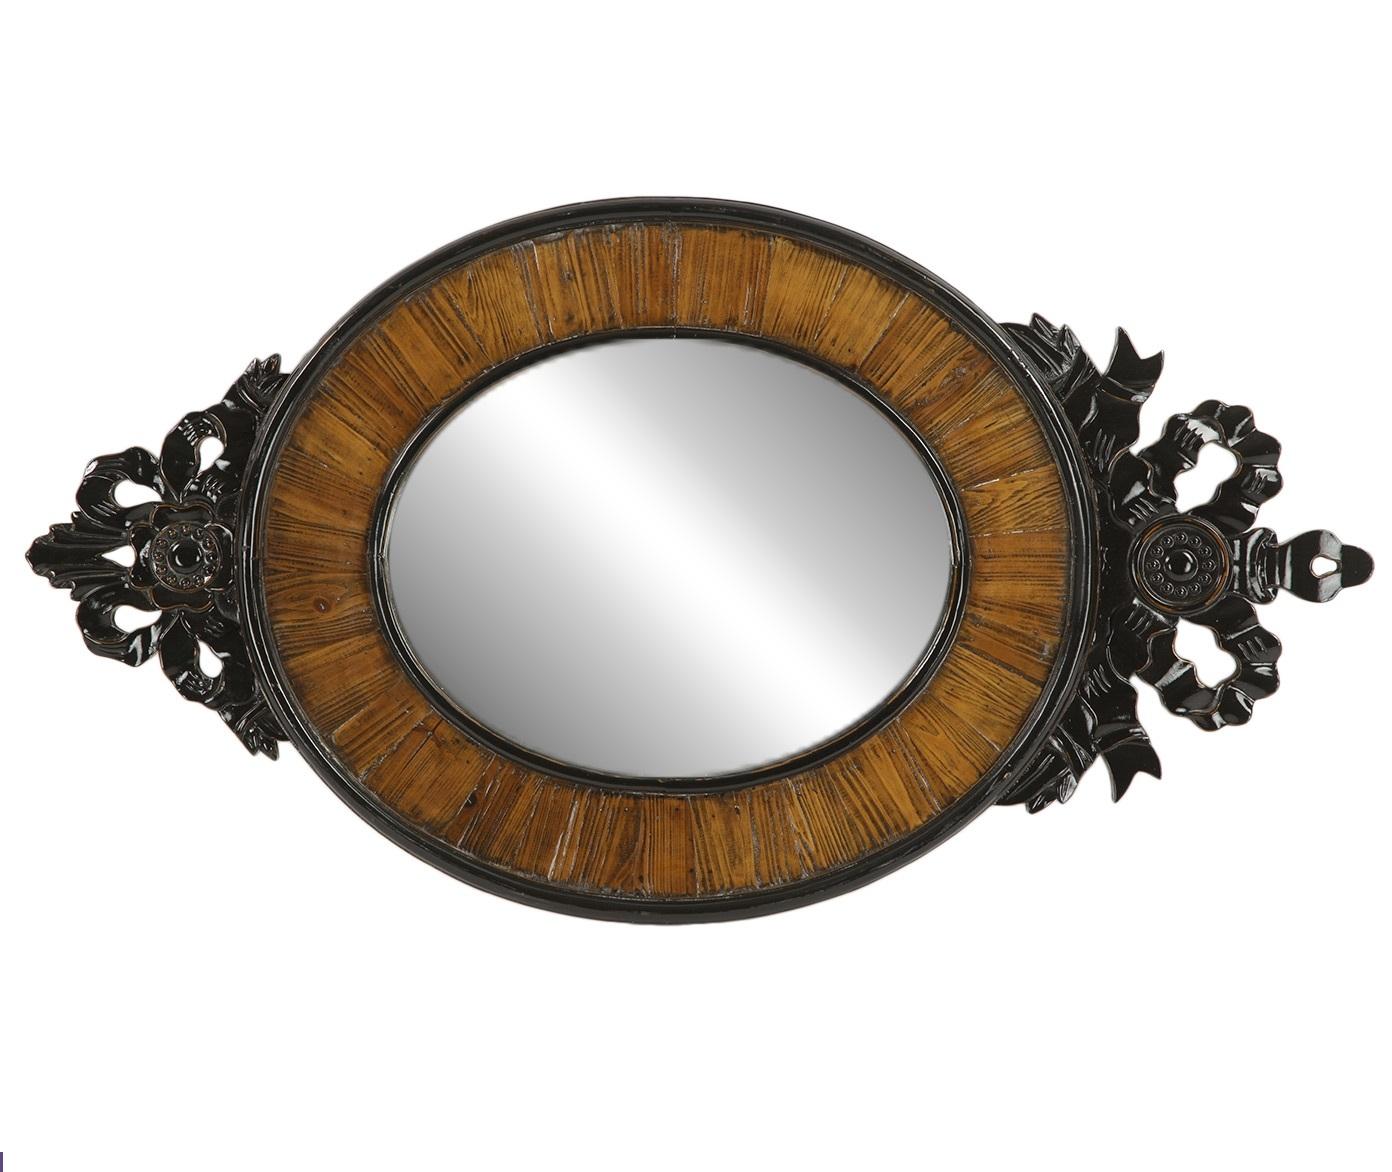 Зеркало в рамеНастенные зеркала<br><br><br>Material: Бук<br>Width см: 128<br>Depth см: 5<br>Height см: 70